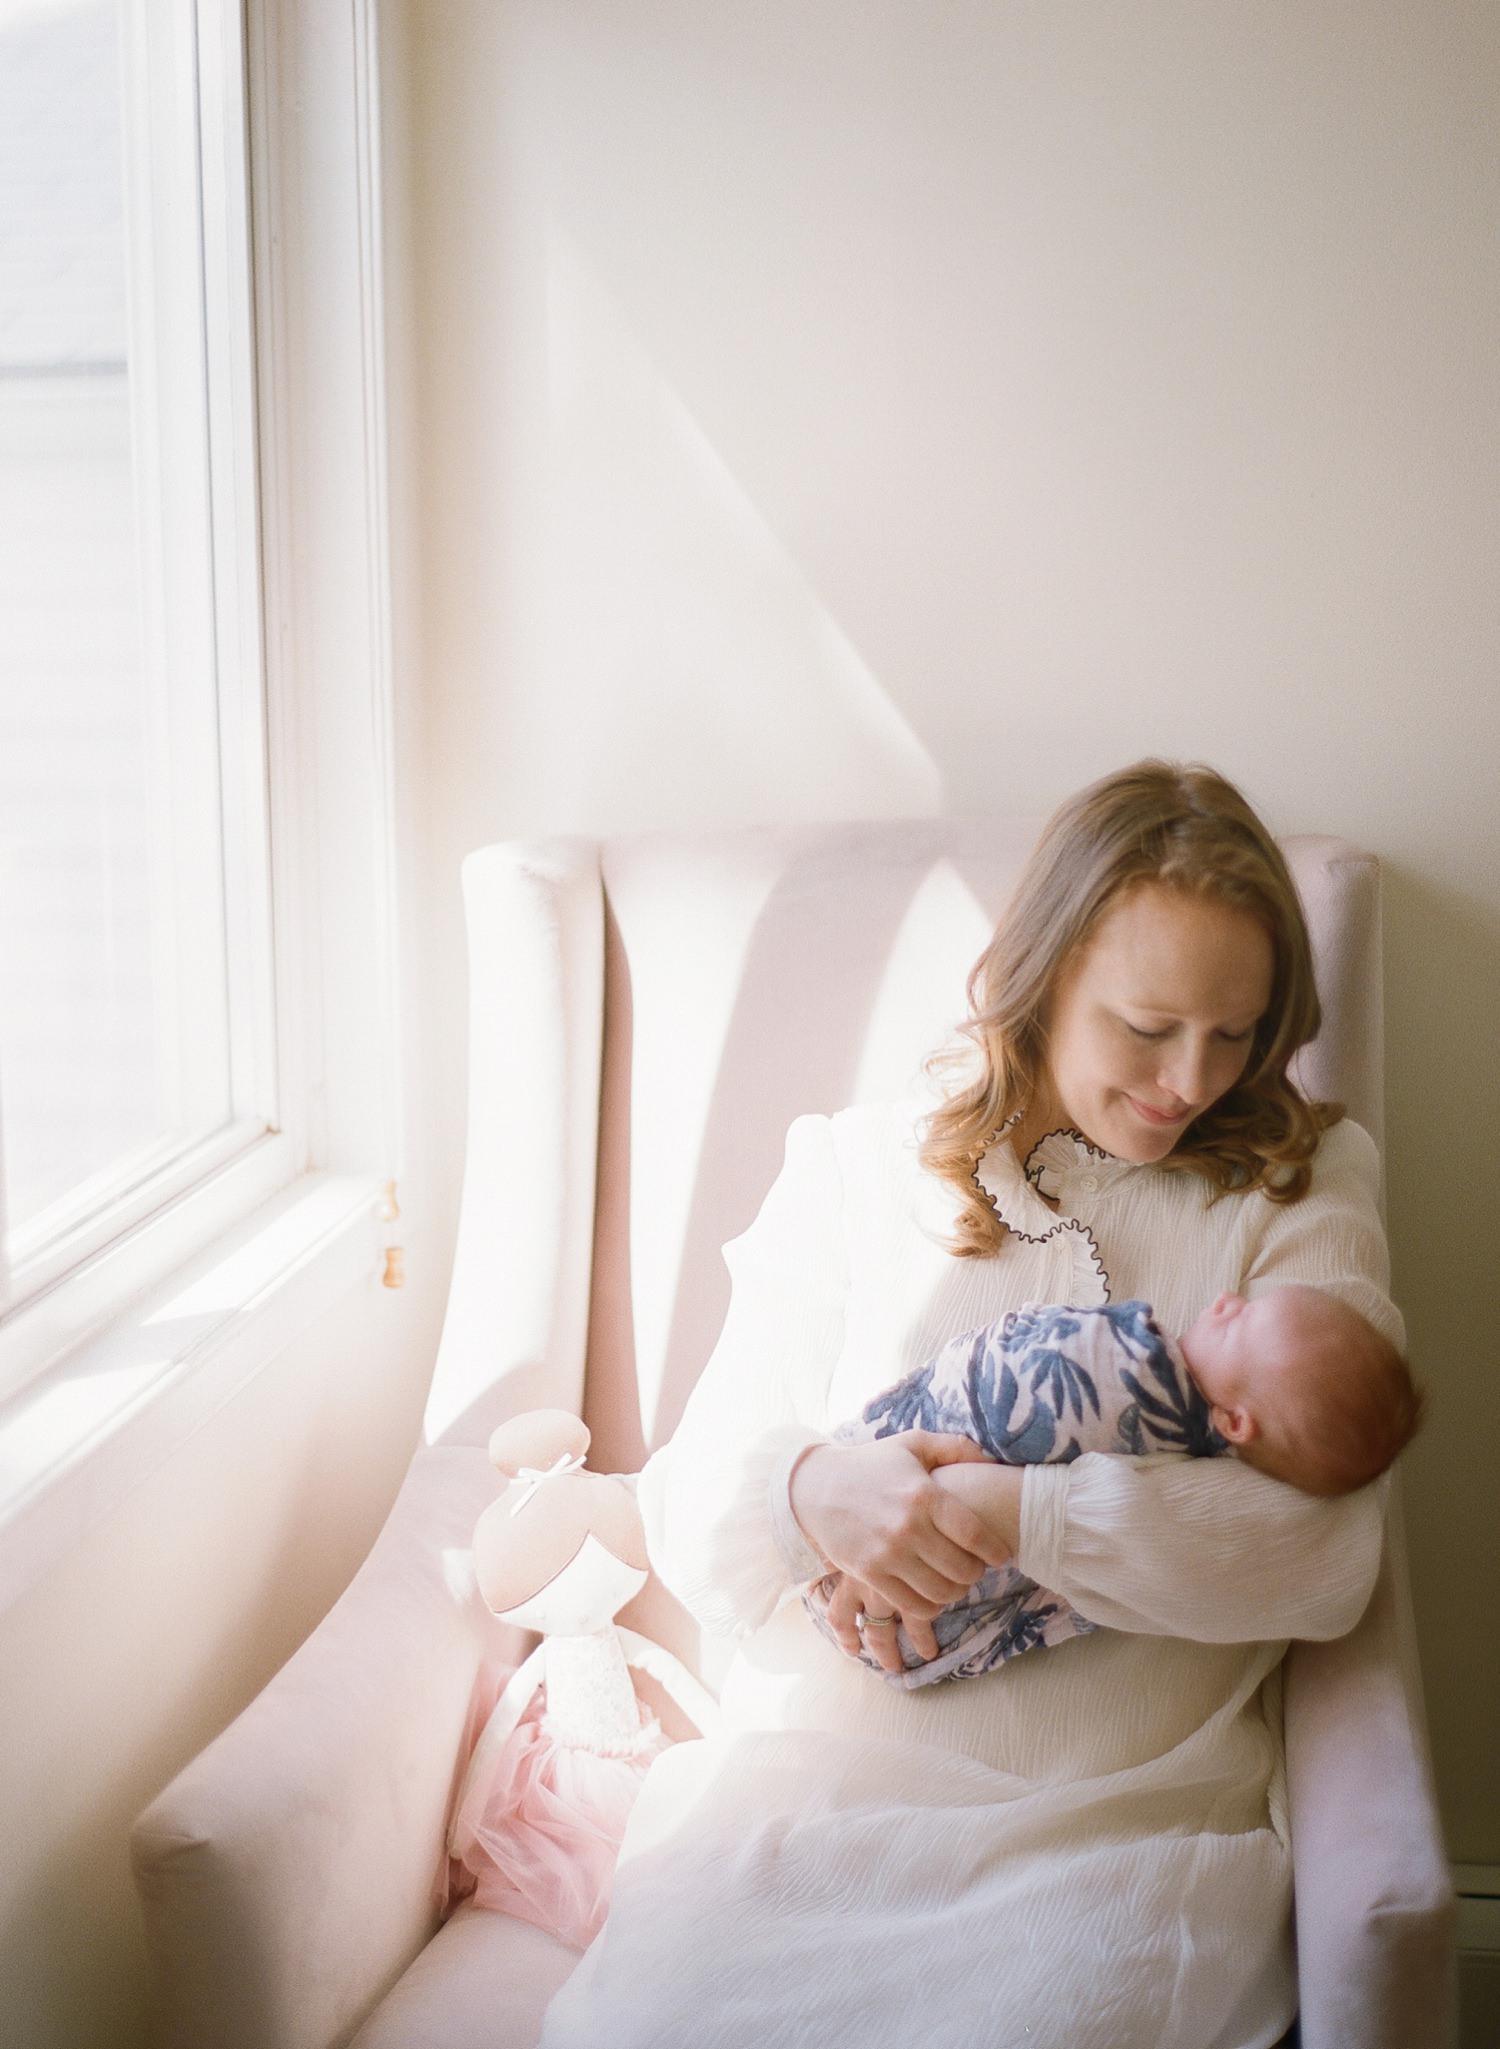 motherhood portraits on film